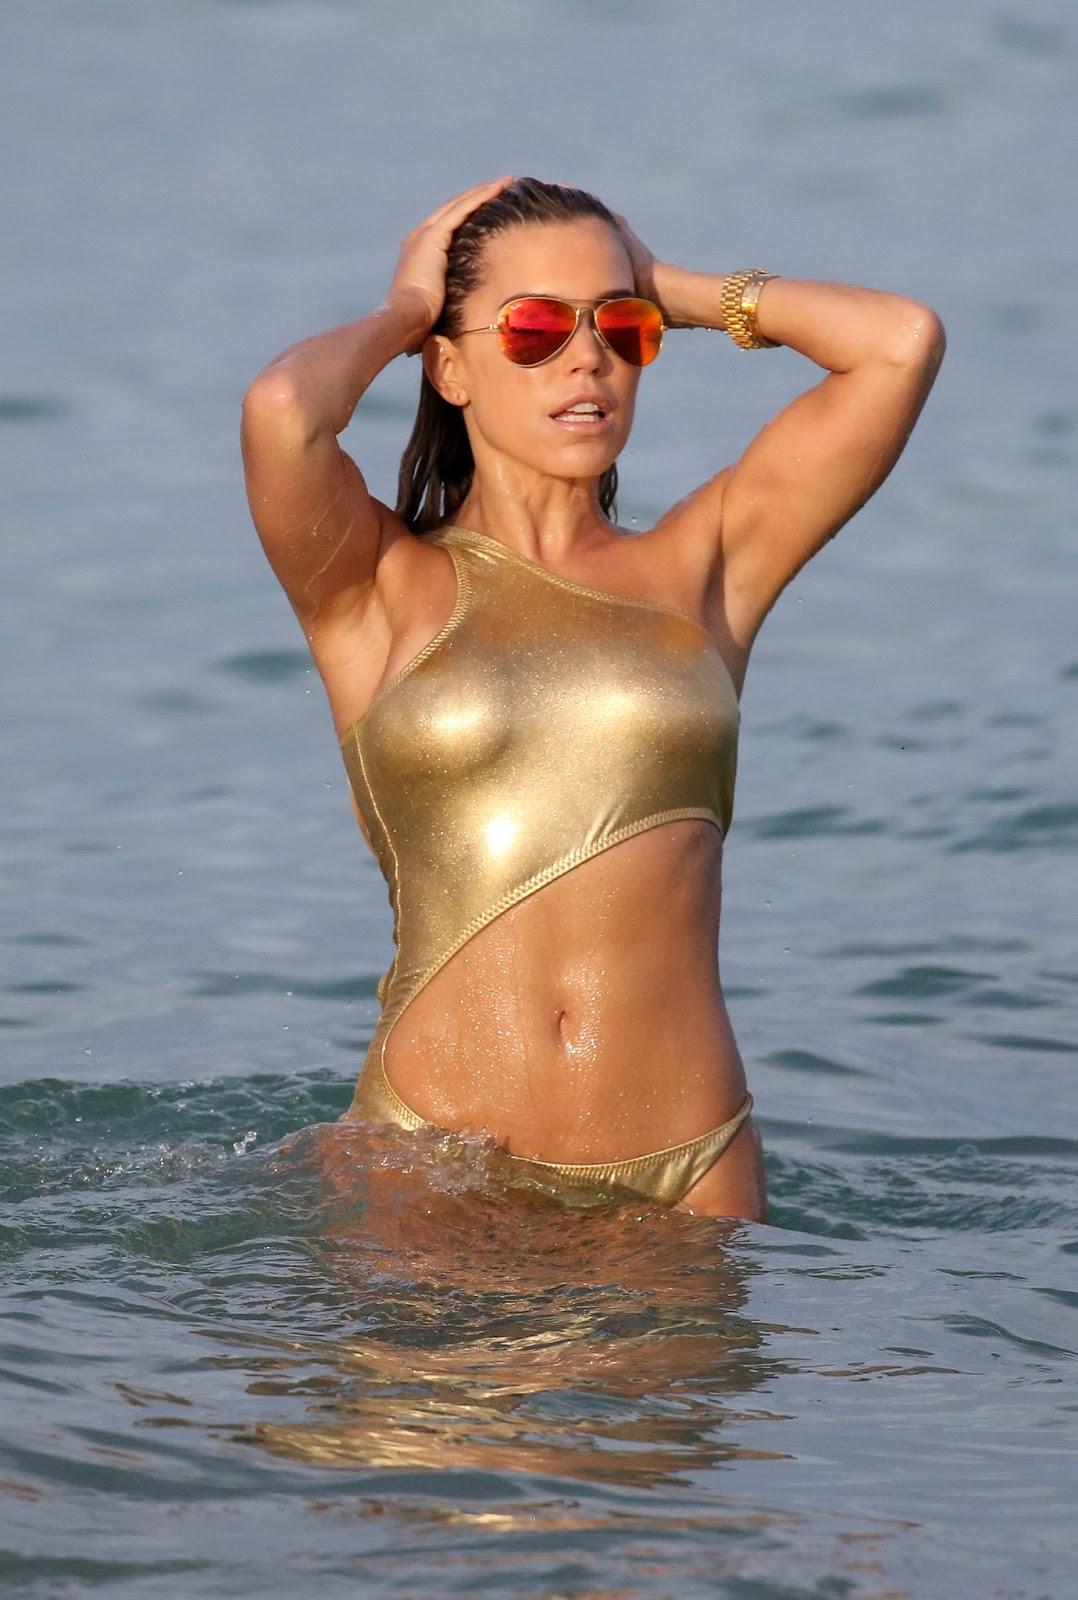 Sylvie Meis on the beach in Miami